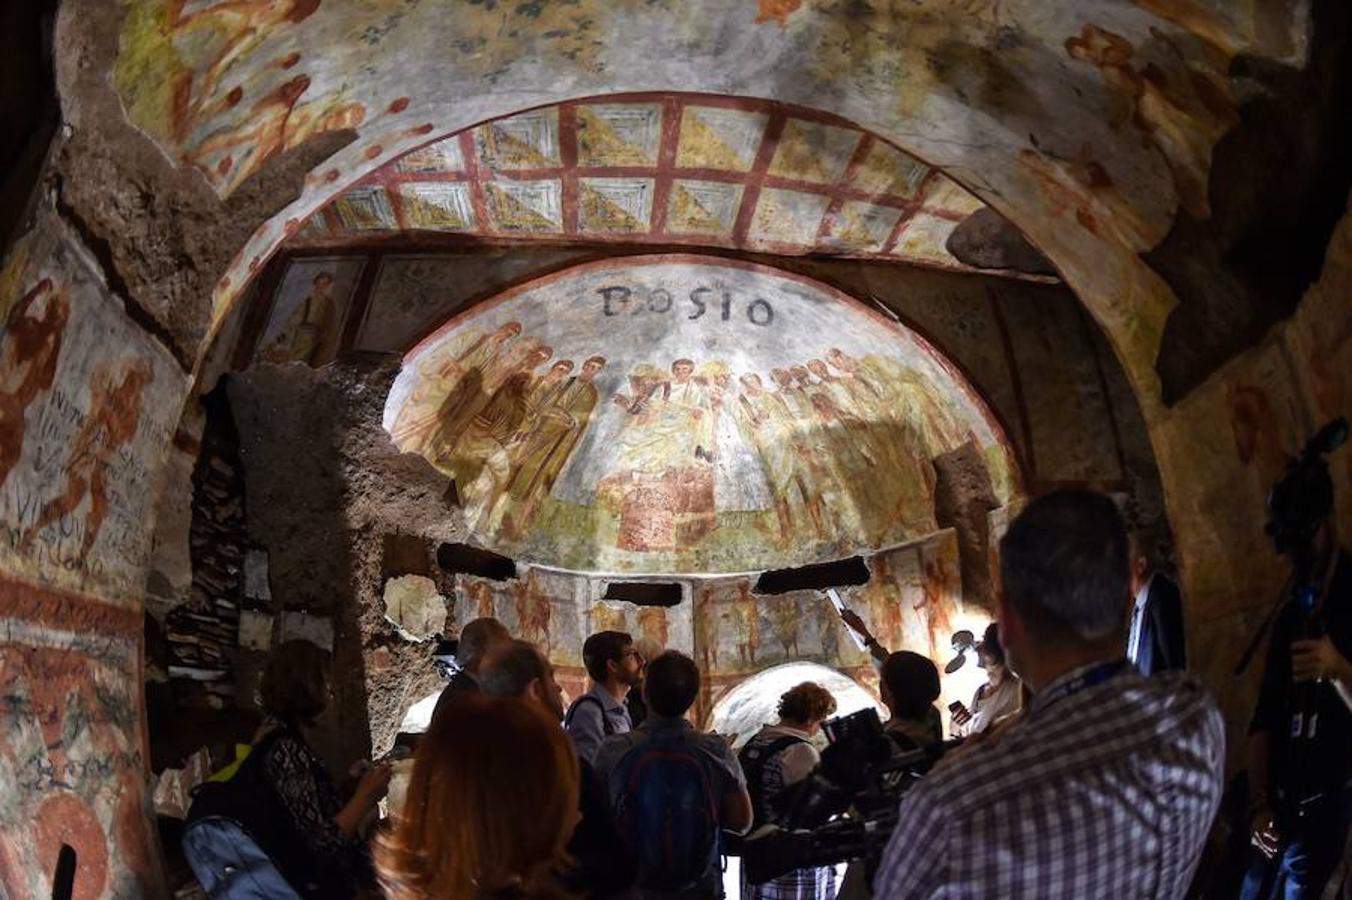 En los 14 kilómetros de pasillos que forman las inmensas catacumbas de Santa Domitila, las más extensas de Roma, se encuentra la historia de la pintura funeraria de los primeros cristianos, desde sus orígenes hasta los siglos IV y V, cuando dejaron de ser perseguidos por el emperador Constantino